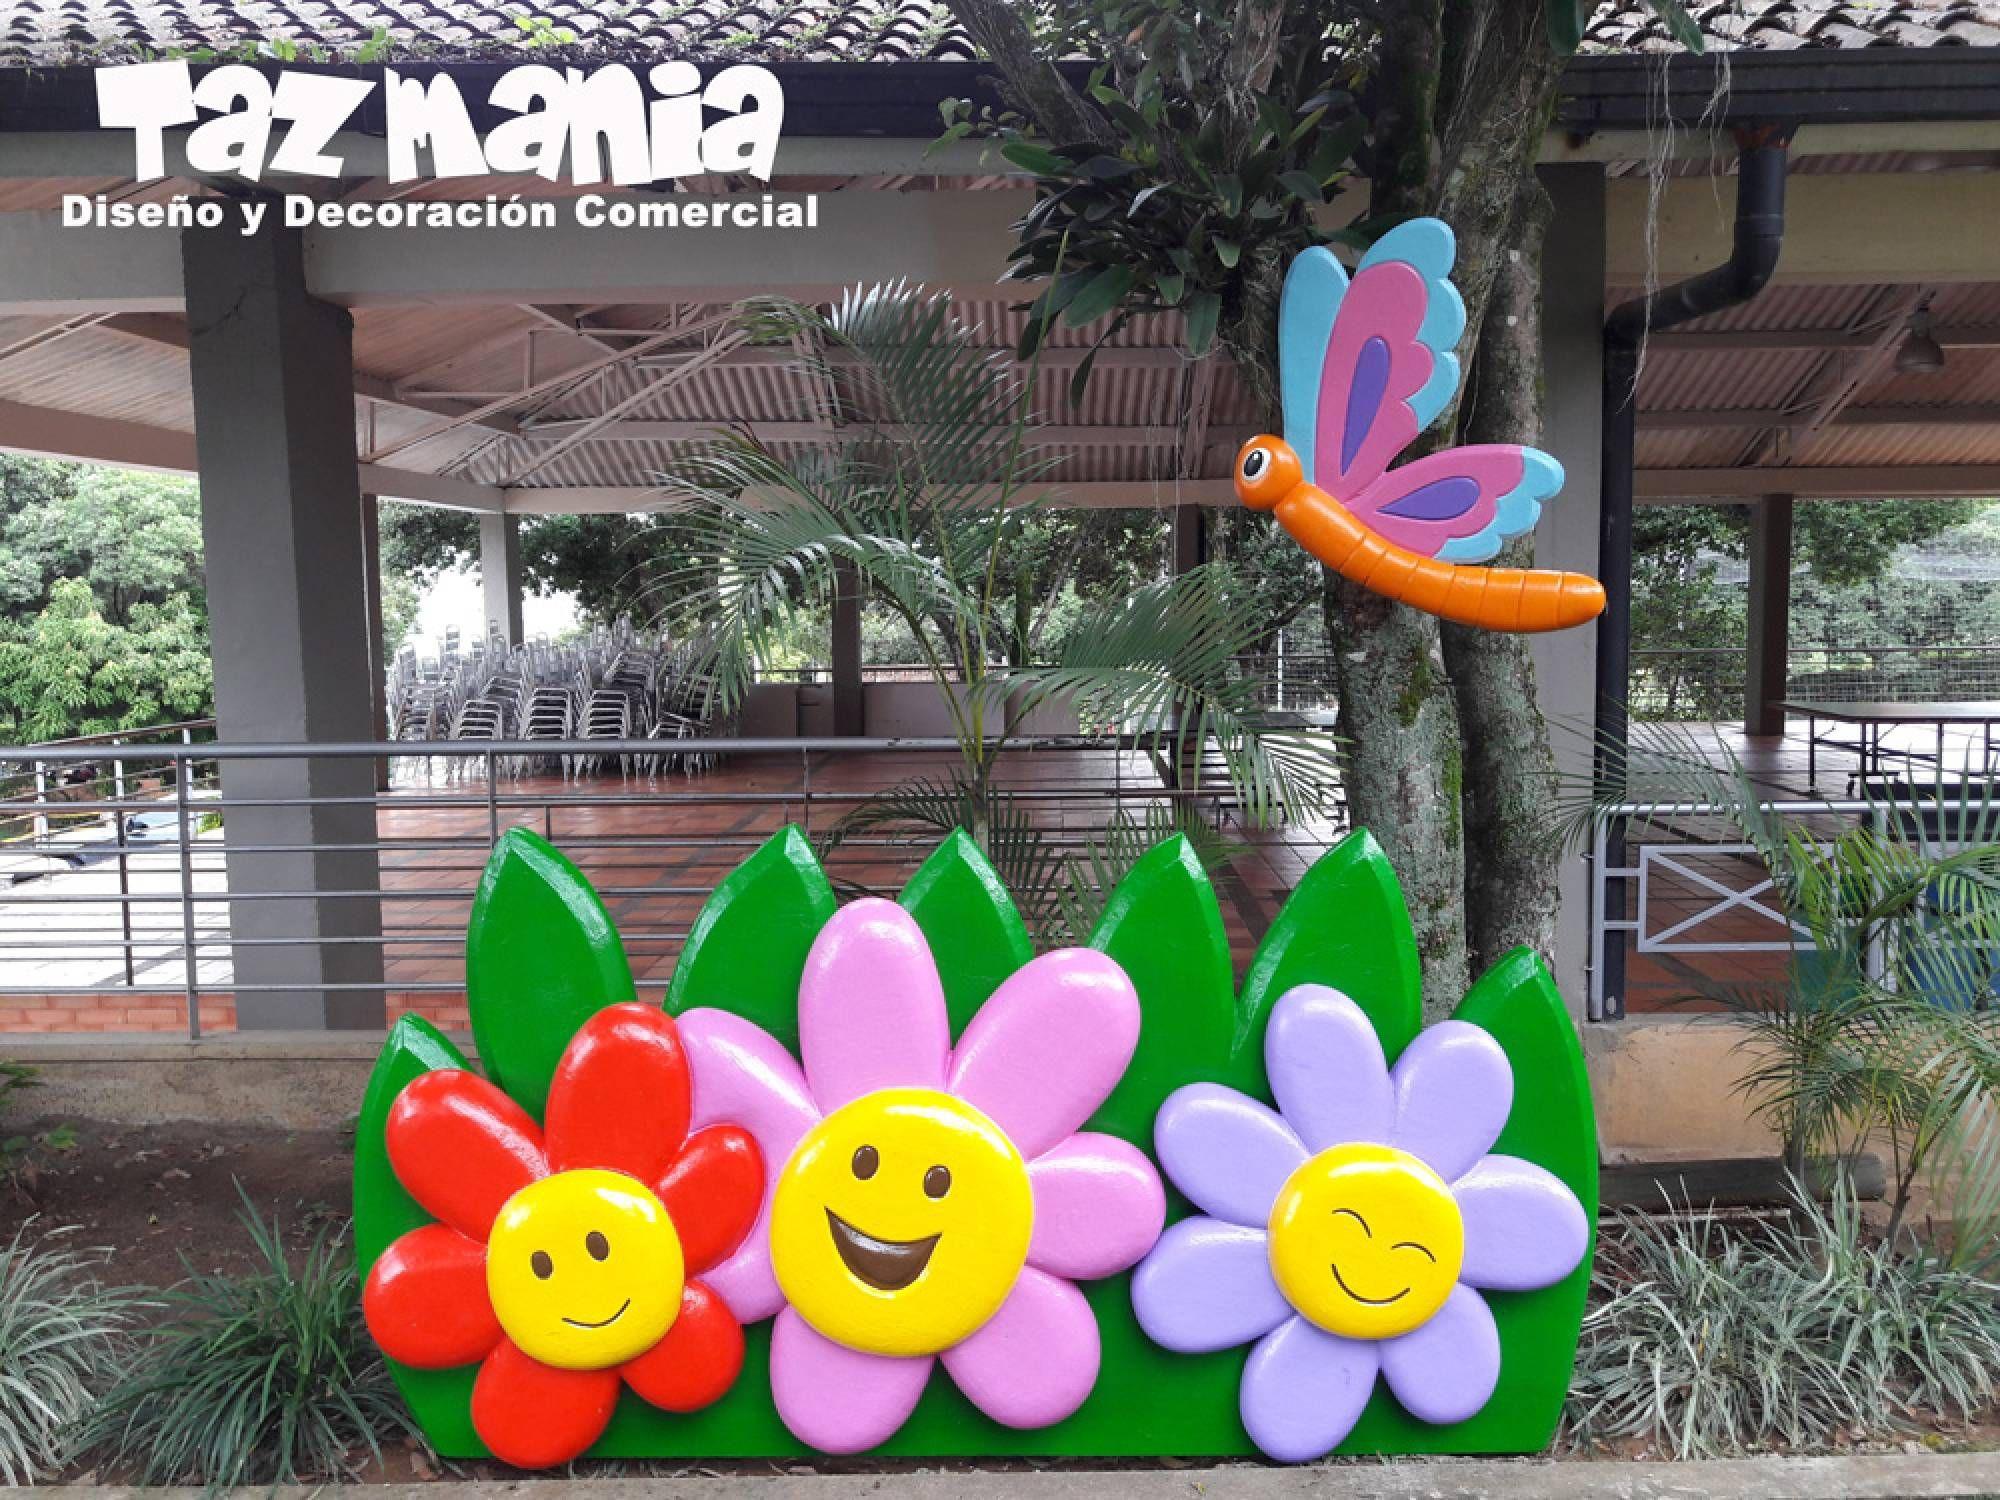 Tazmania dise o y decoraci n comercial fabricando ideas for Diseno y decoracion de jardines